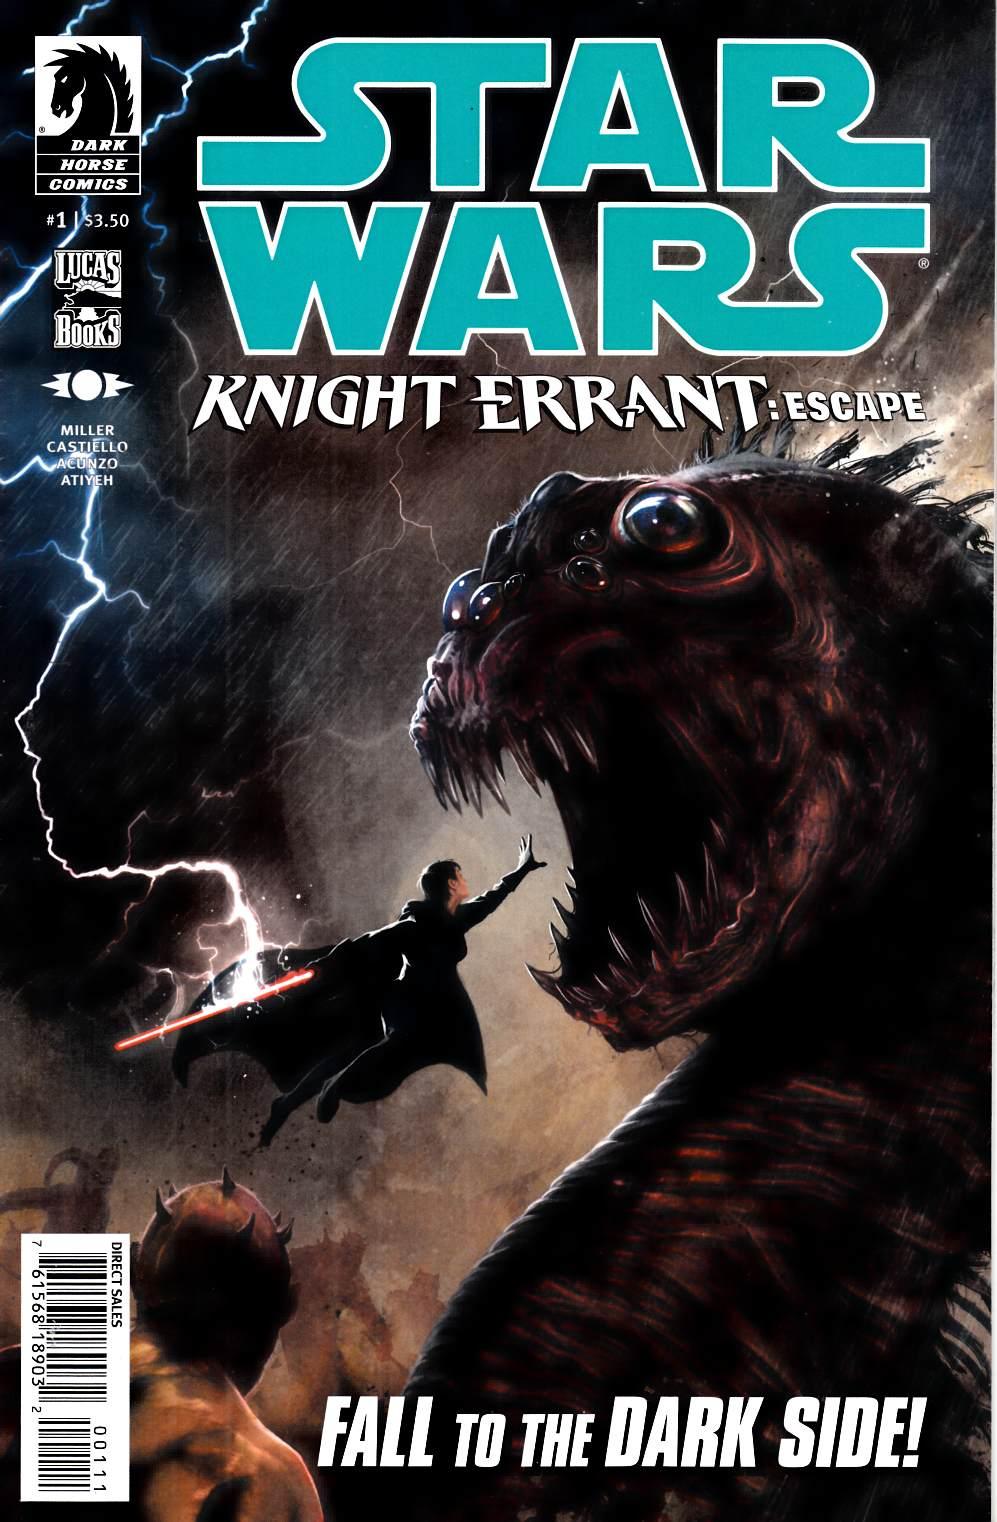 Star Wars Knight Errant: Escape